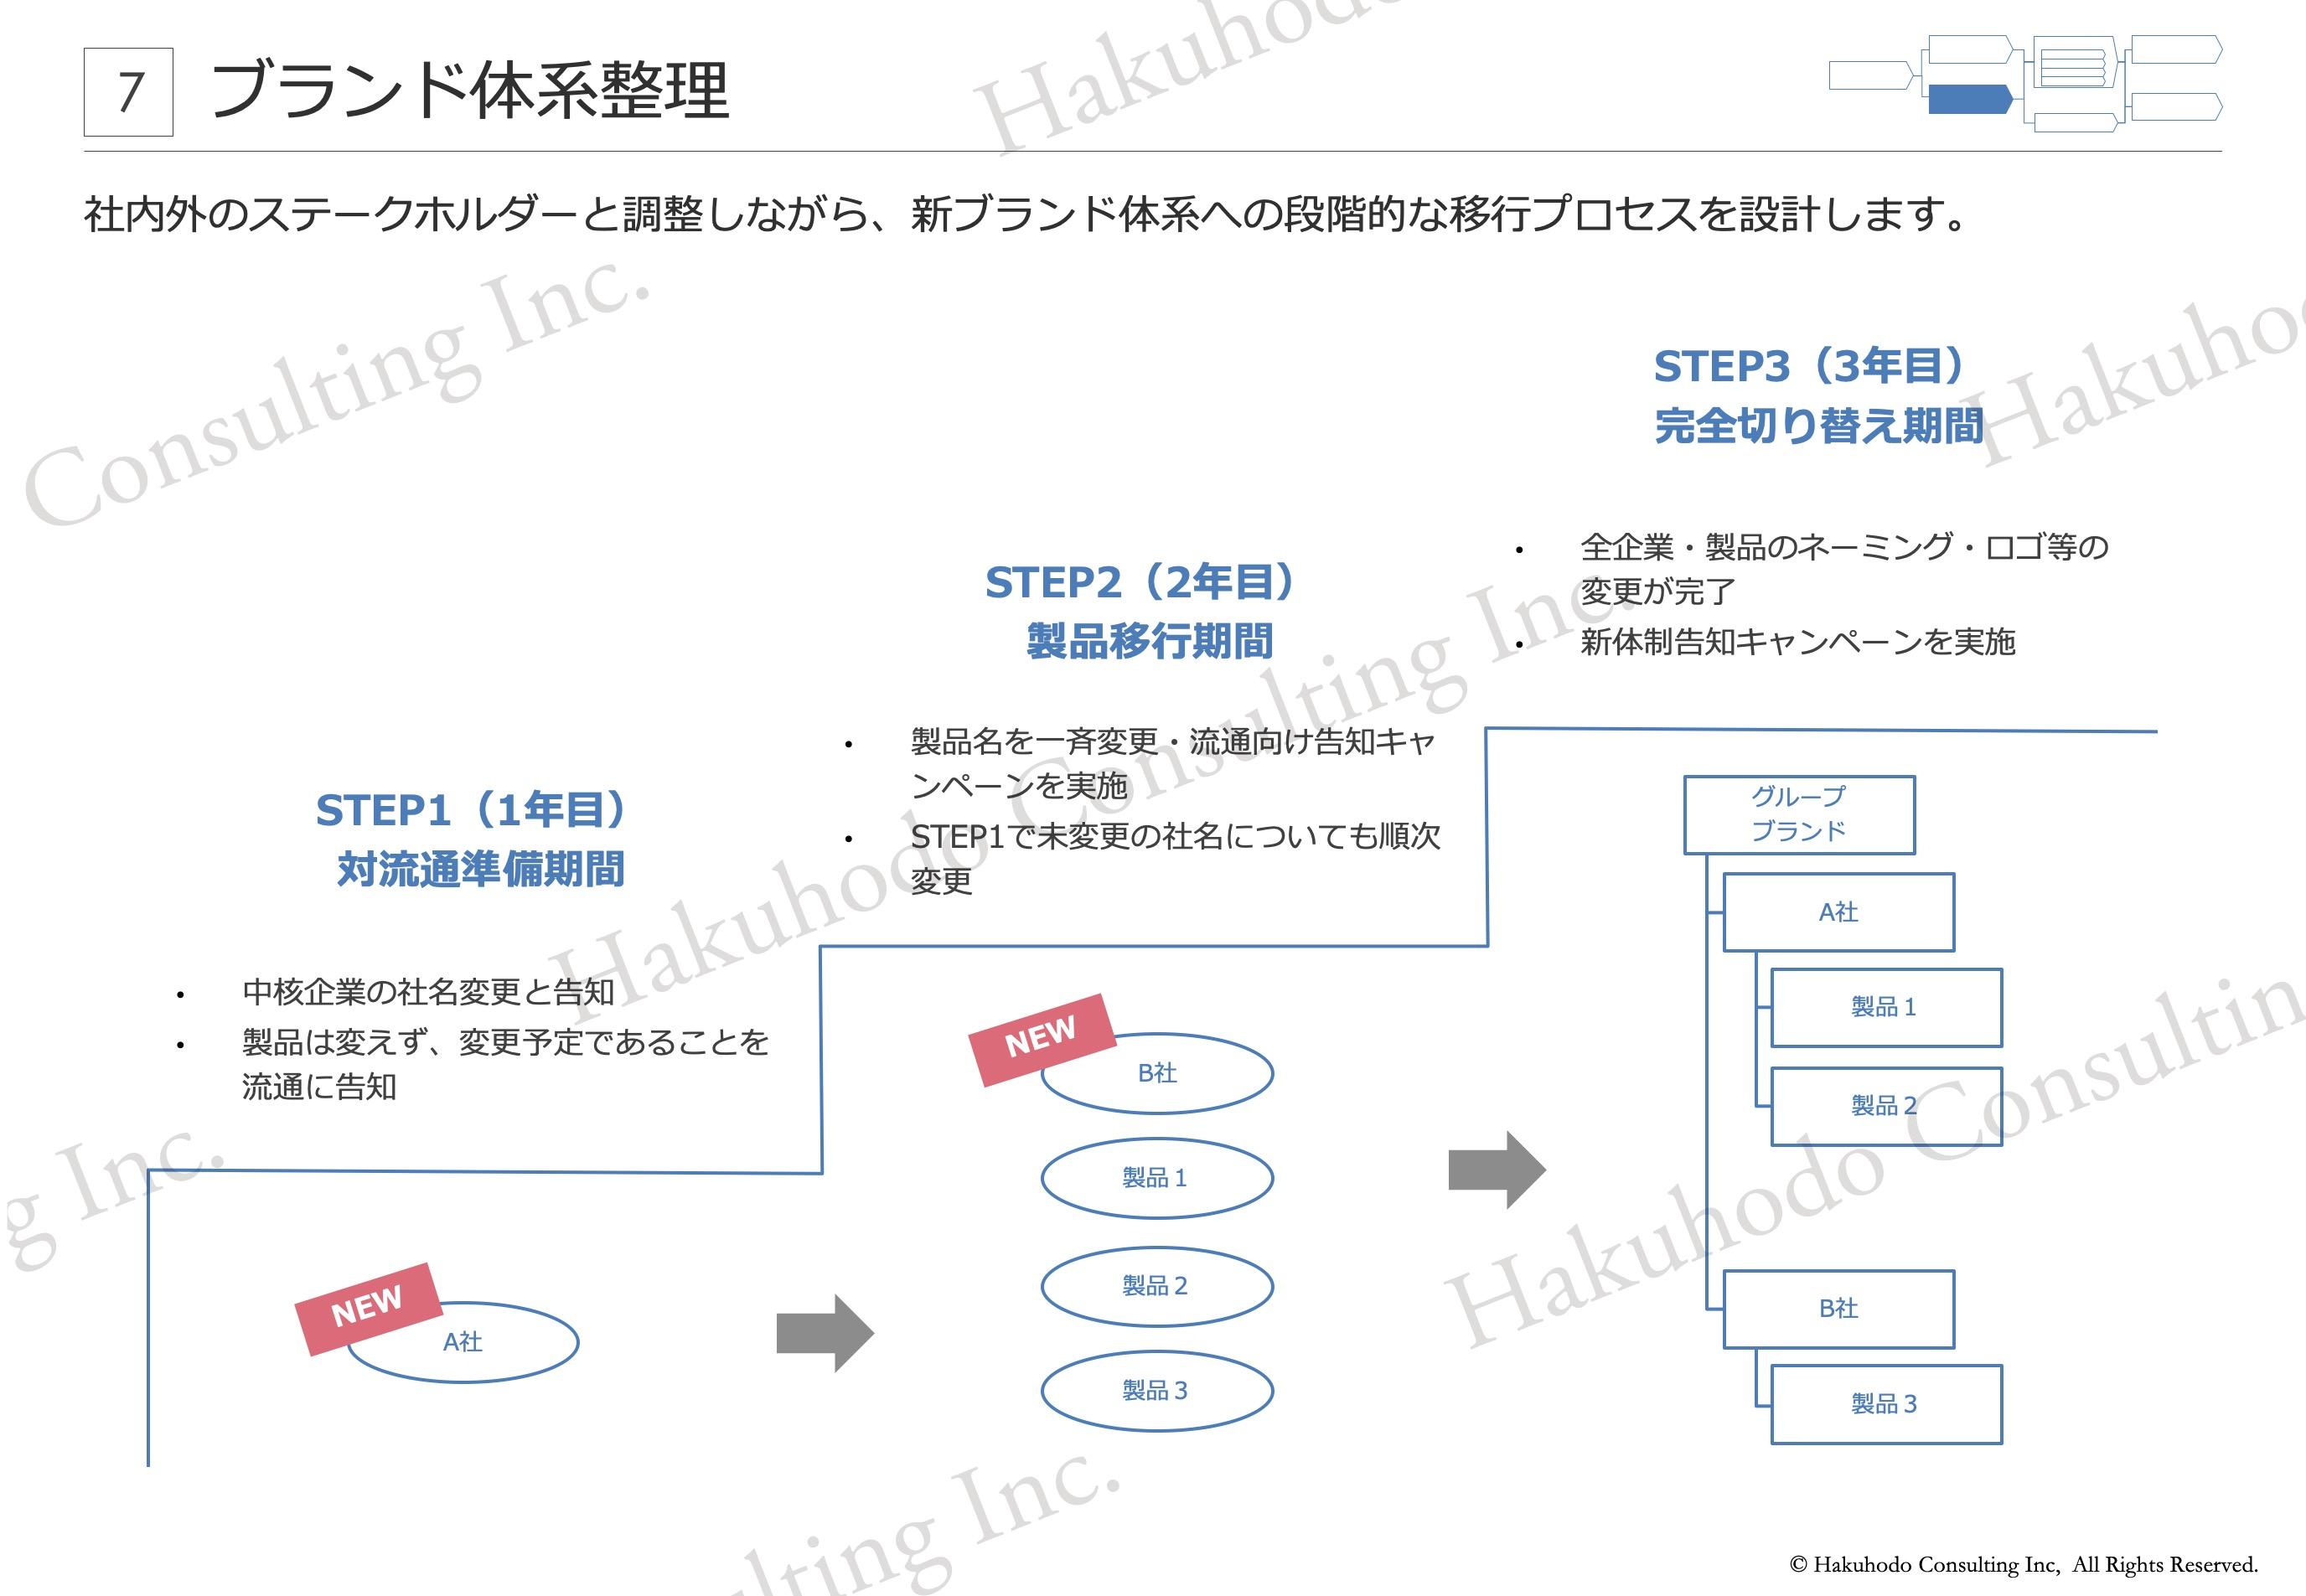 ブランド体系整理 社内外のステークホルダーと調整しながら、新ブランド体系への段階的な移行プロセスを設計します。